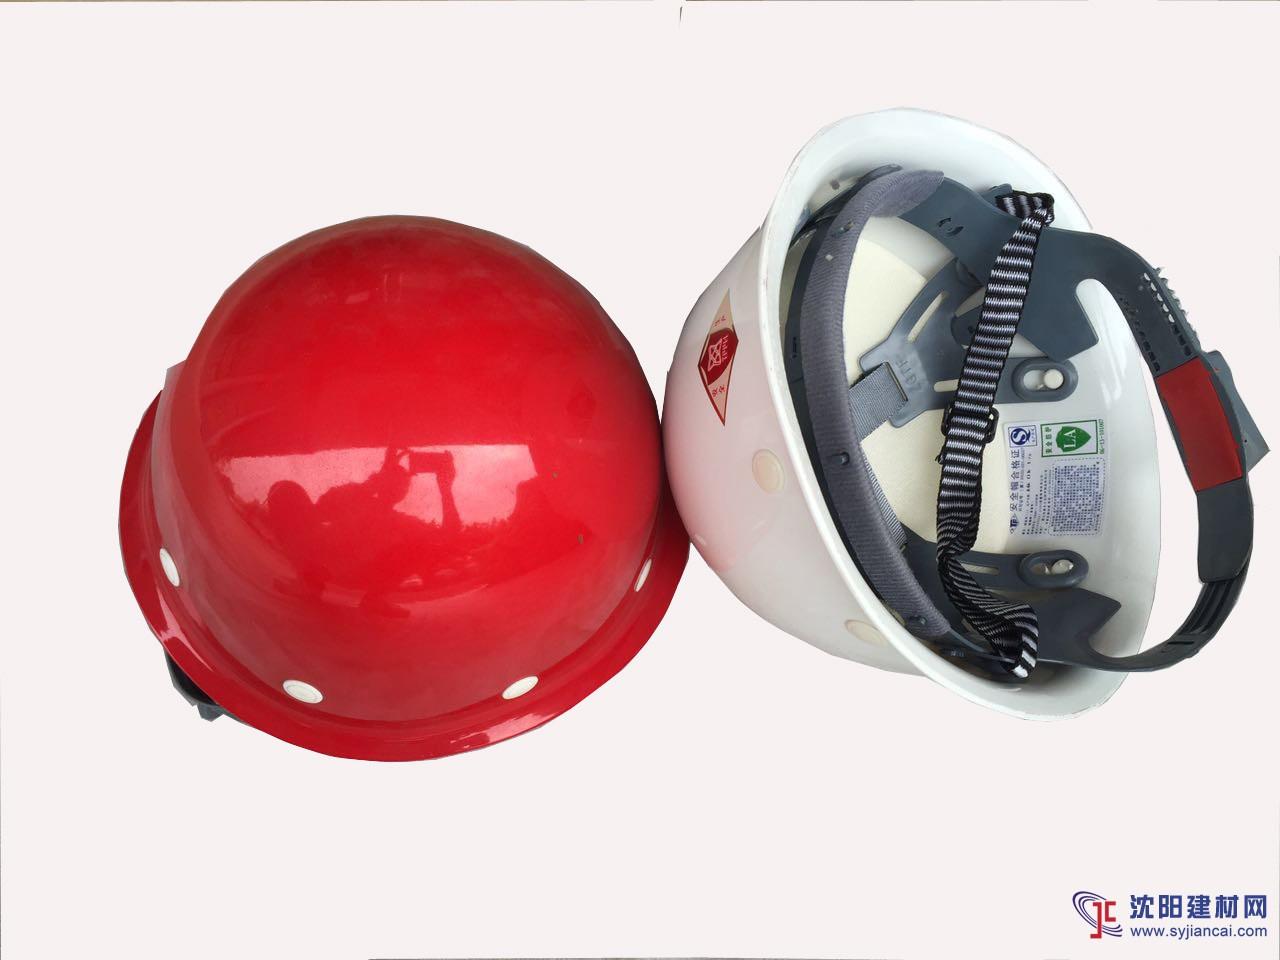 玛钢材质的安全帽 坚固防砸